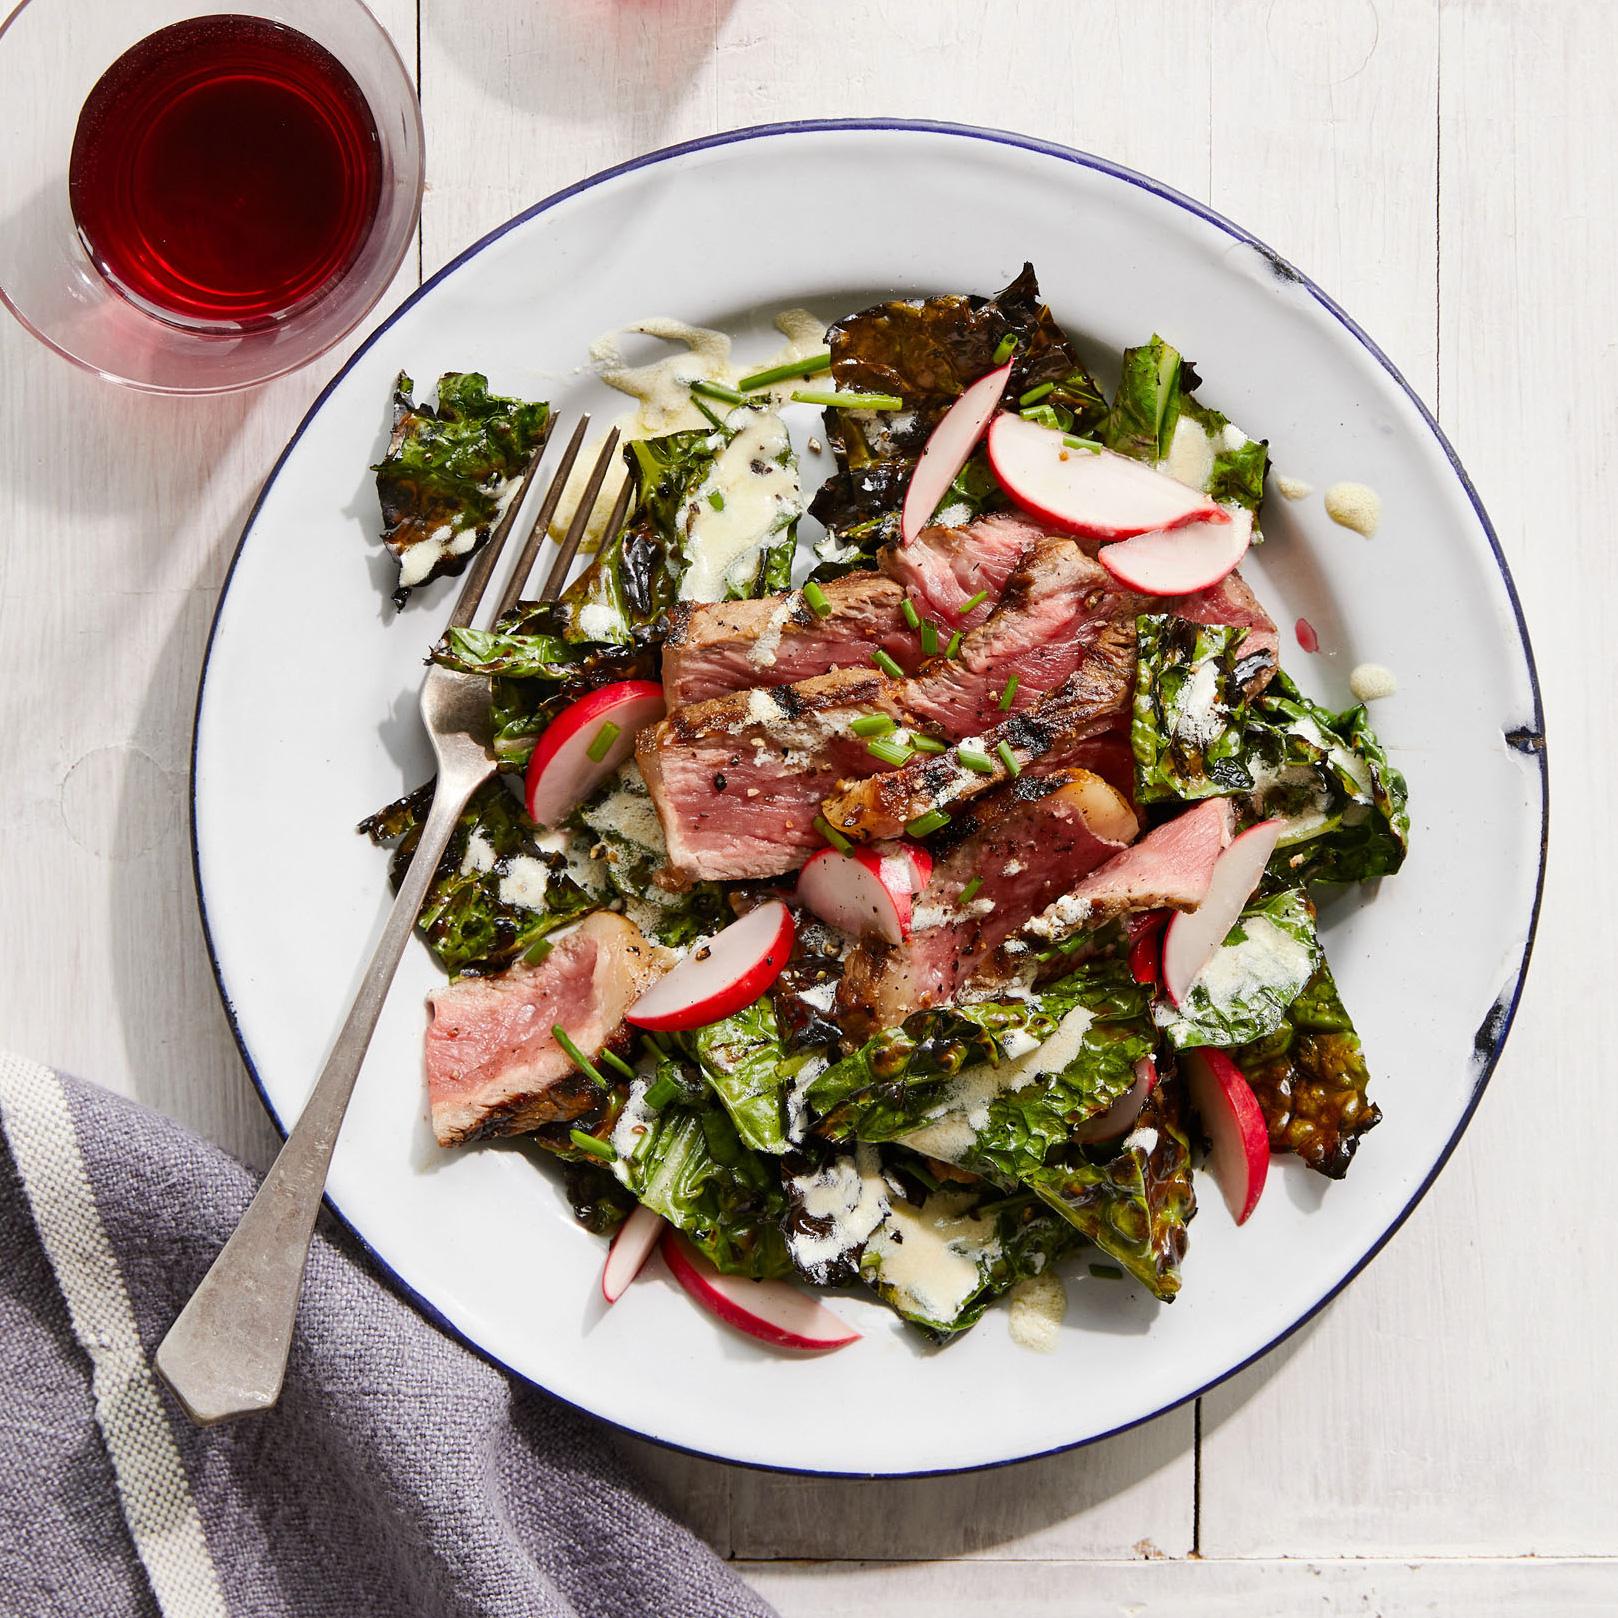 grilled steak kale salad